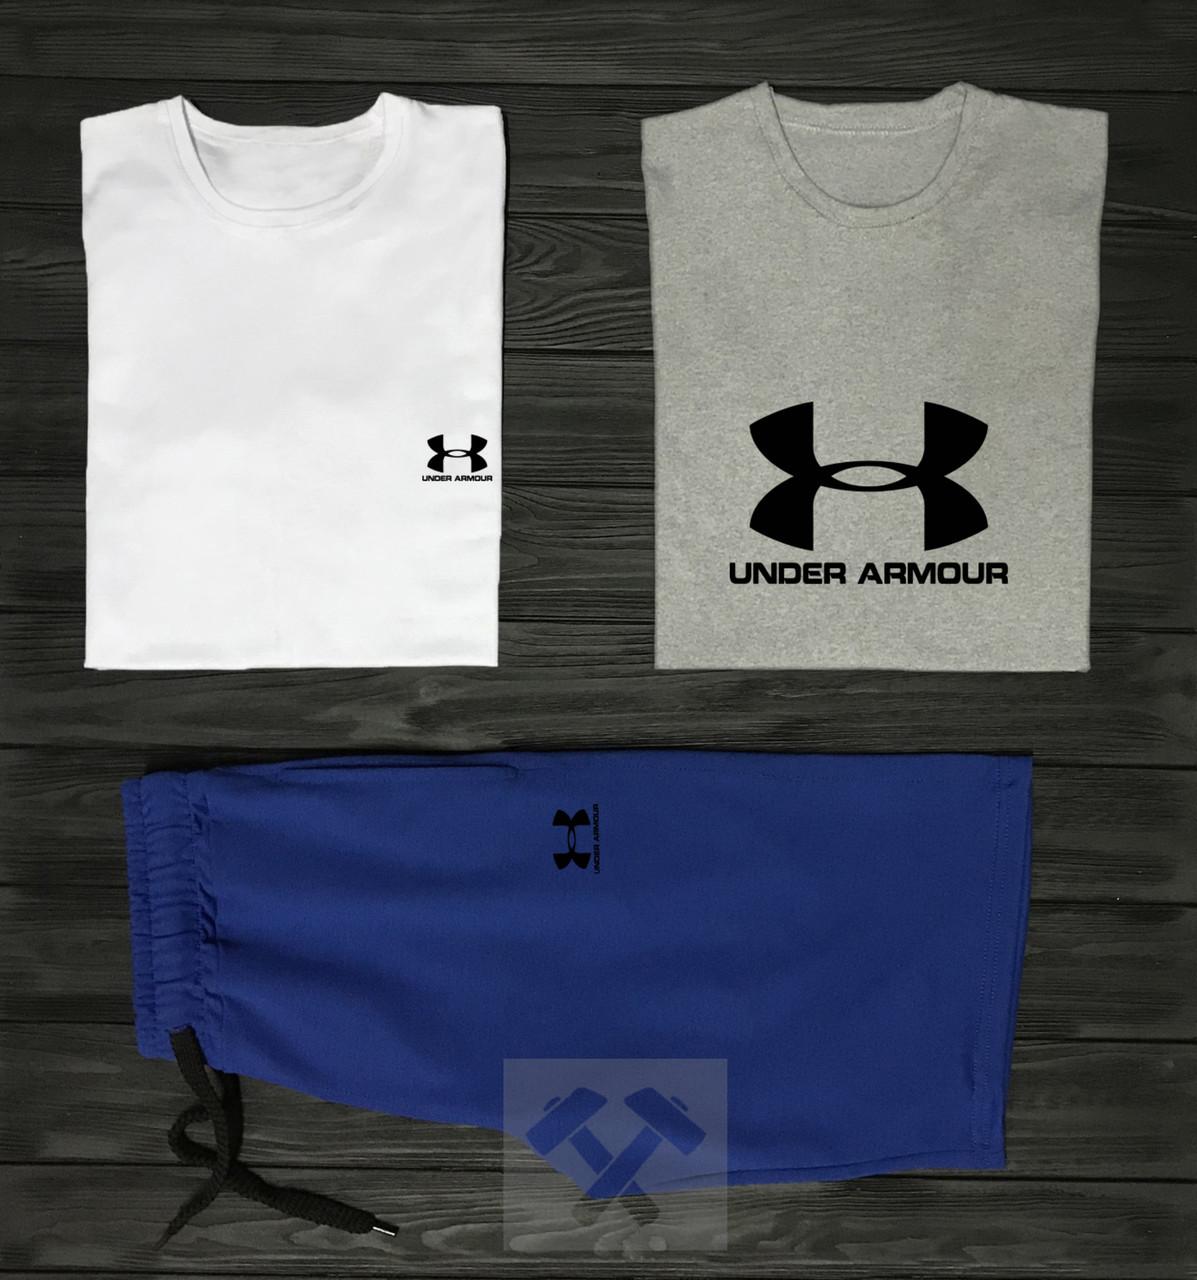 025ff978d462 Мужской комплект две футболки + шорты Under Armour белого, серого и синего  цвета (люкс